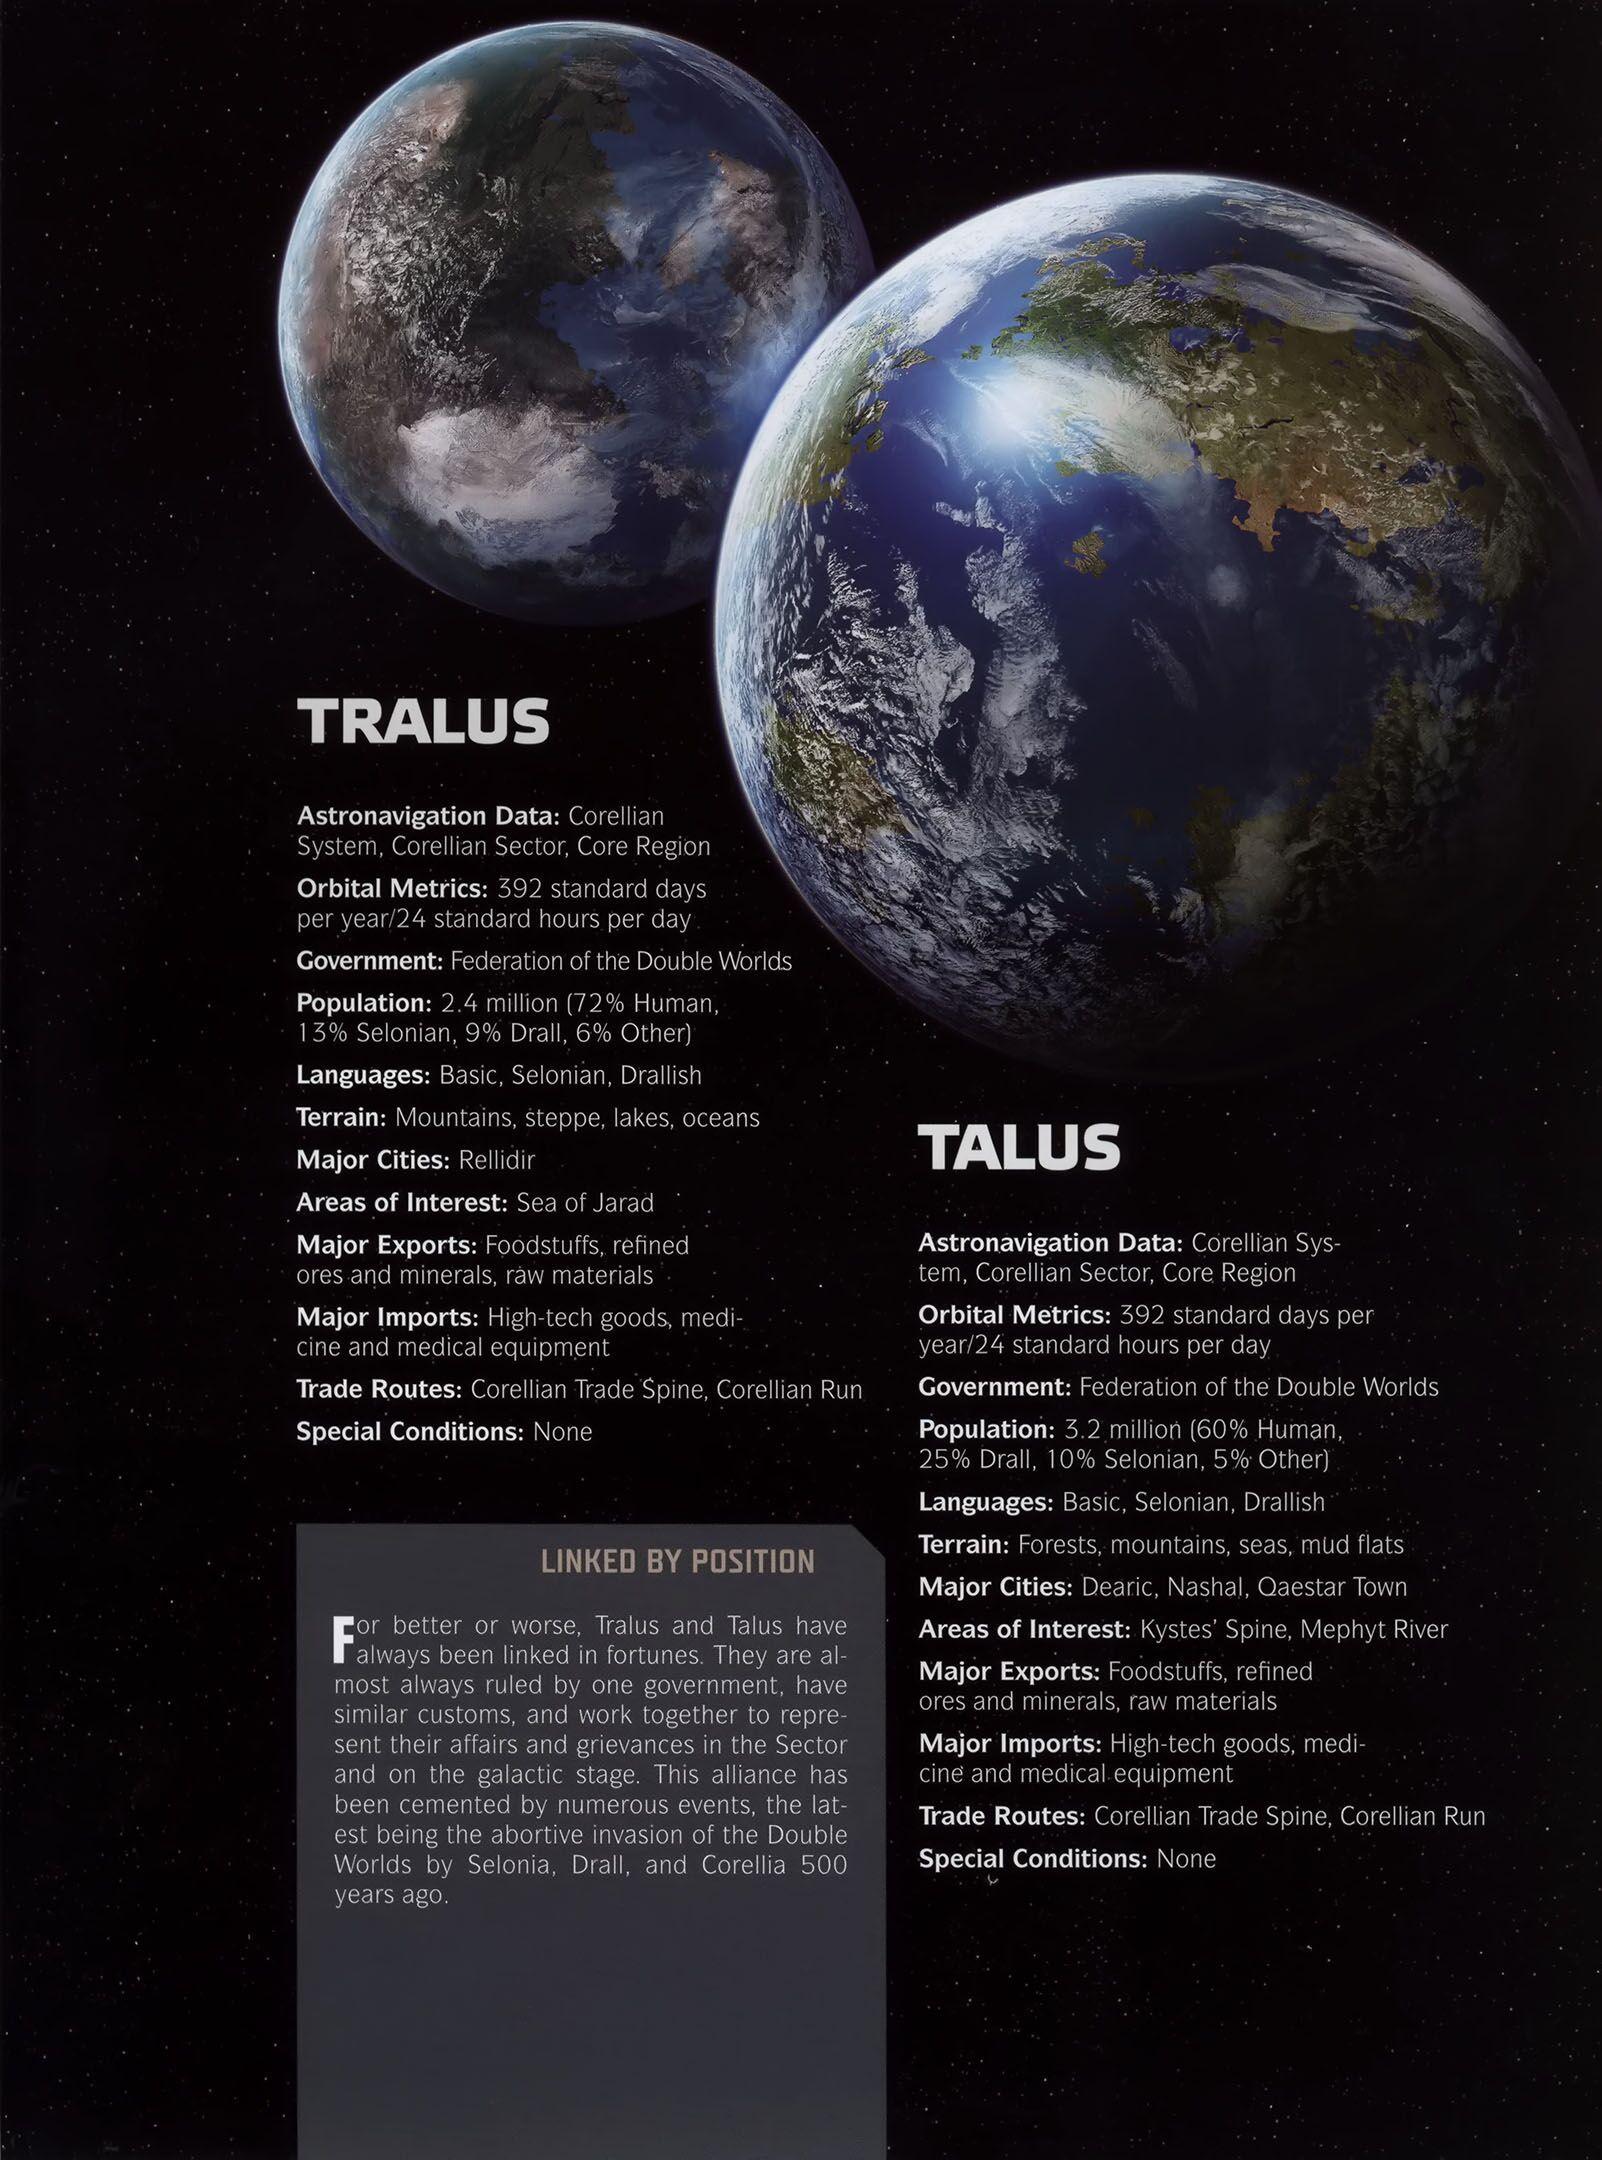 Talus_Tralus.jpeg